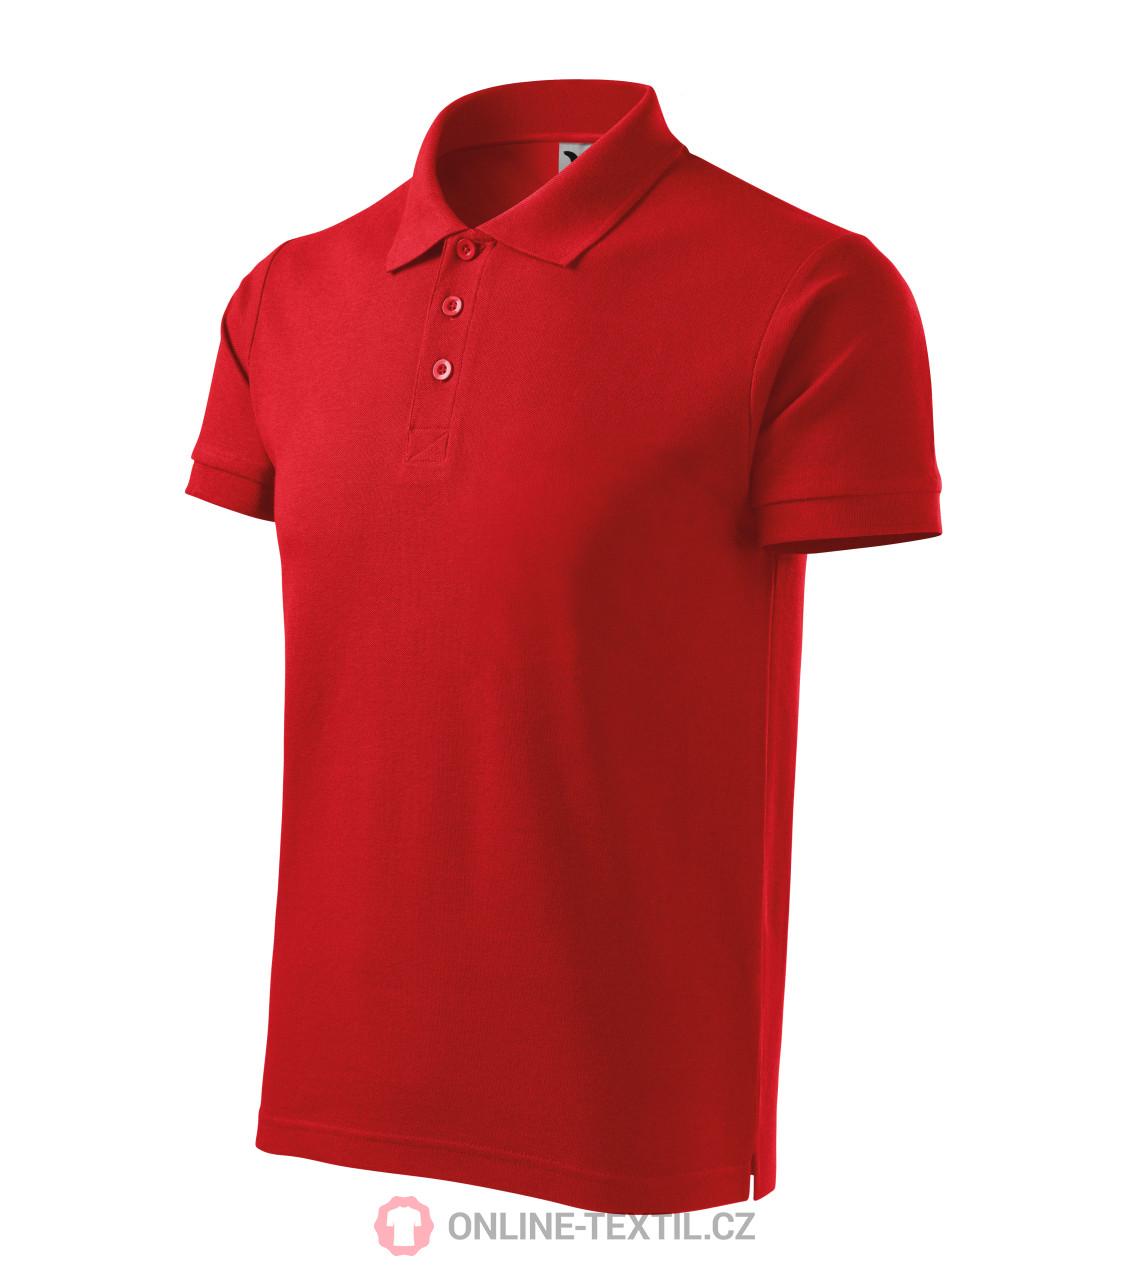 ADLER CZECH Bavlněná pánská polokošile Cotton 212 - červená z ... 43dd518810